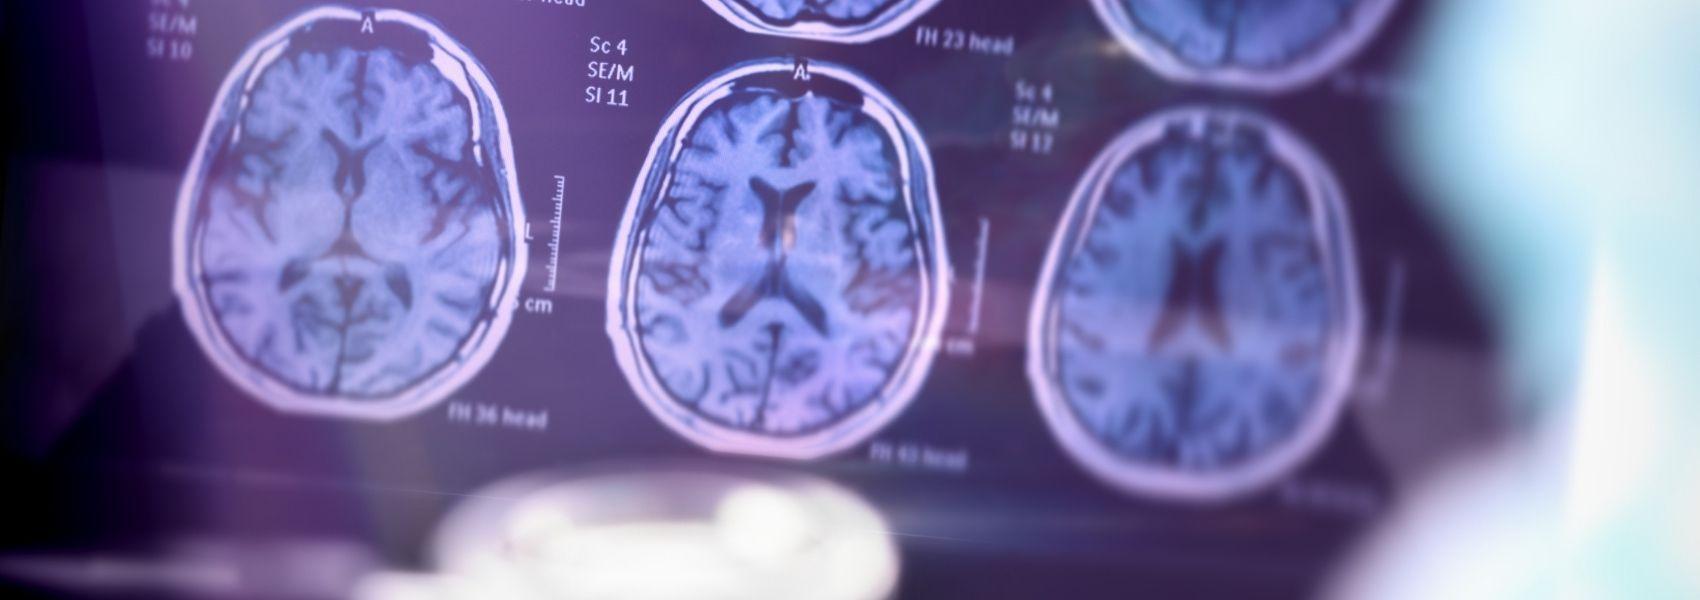 Casos globais de demência vão triplicar até 2050, apontam previsões